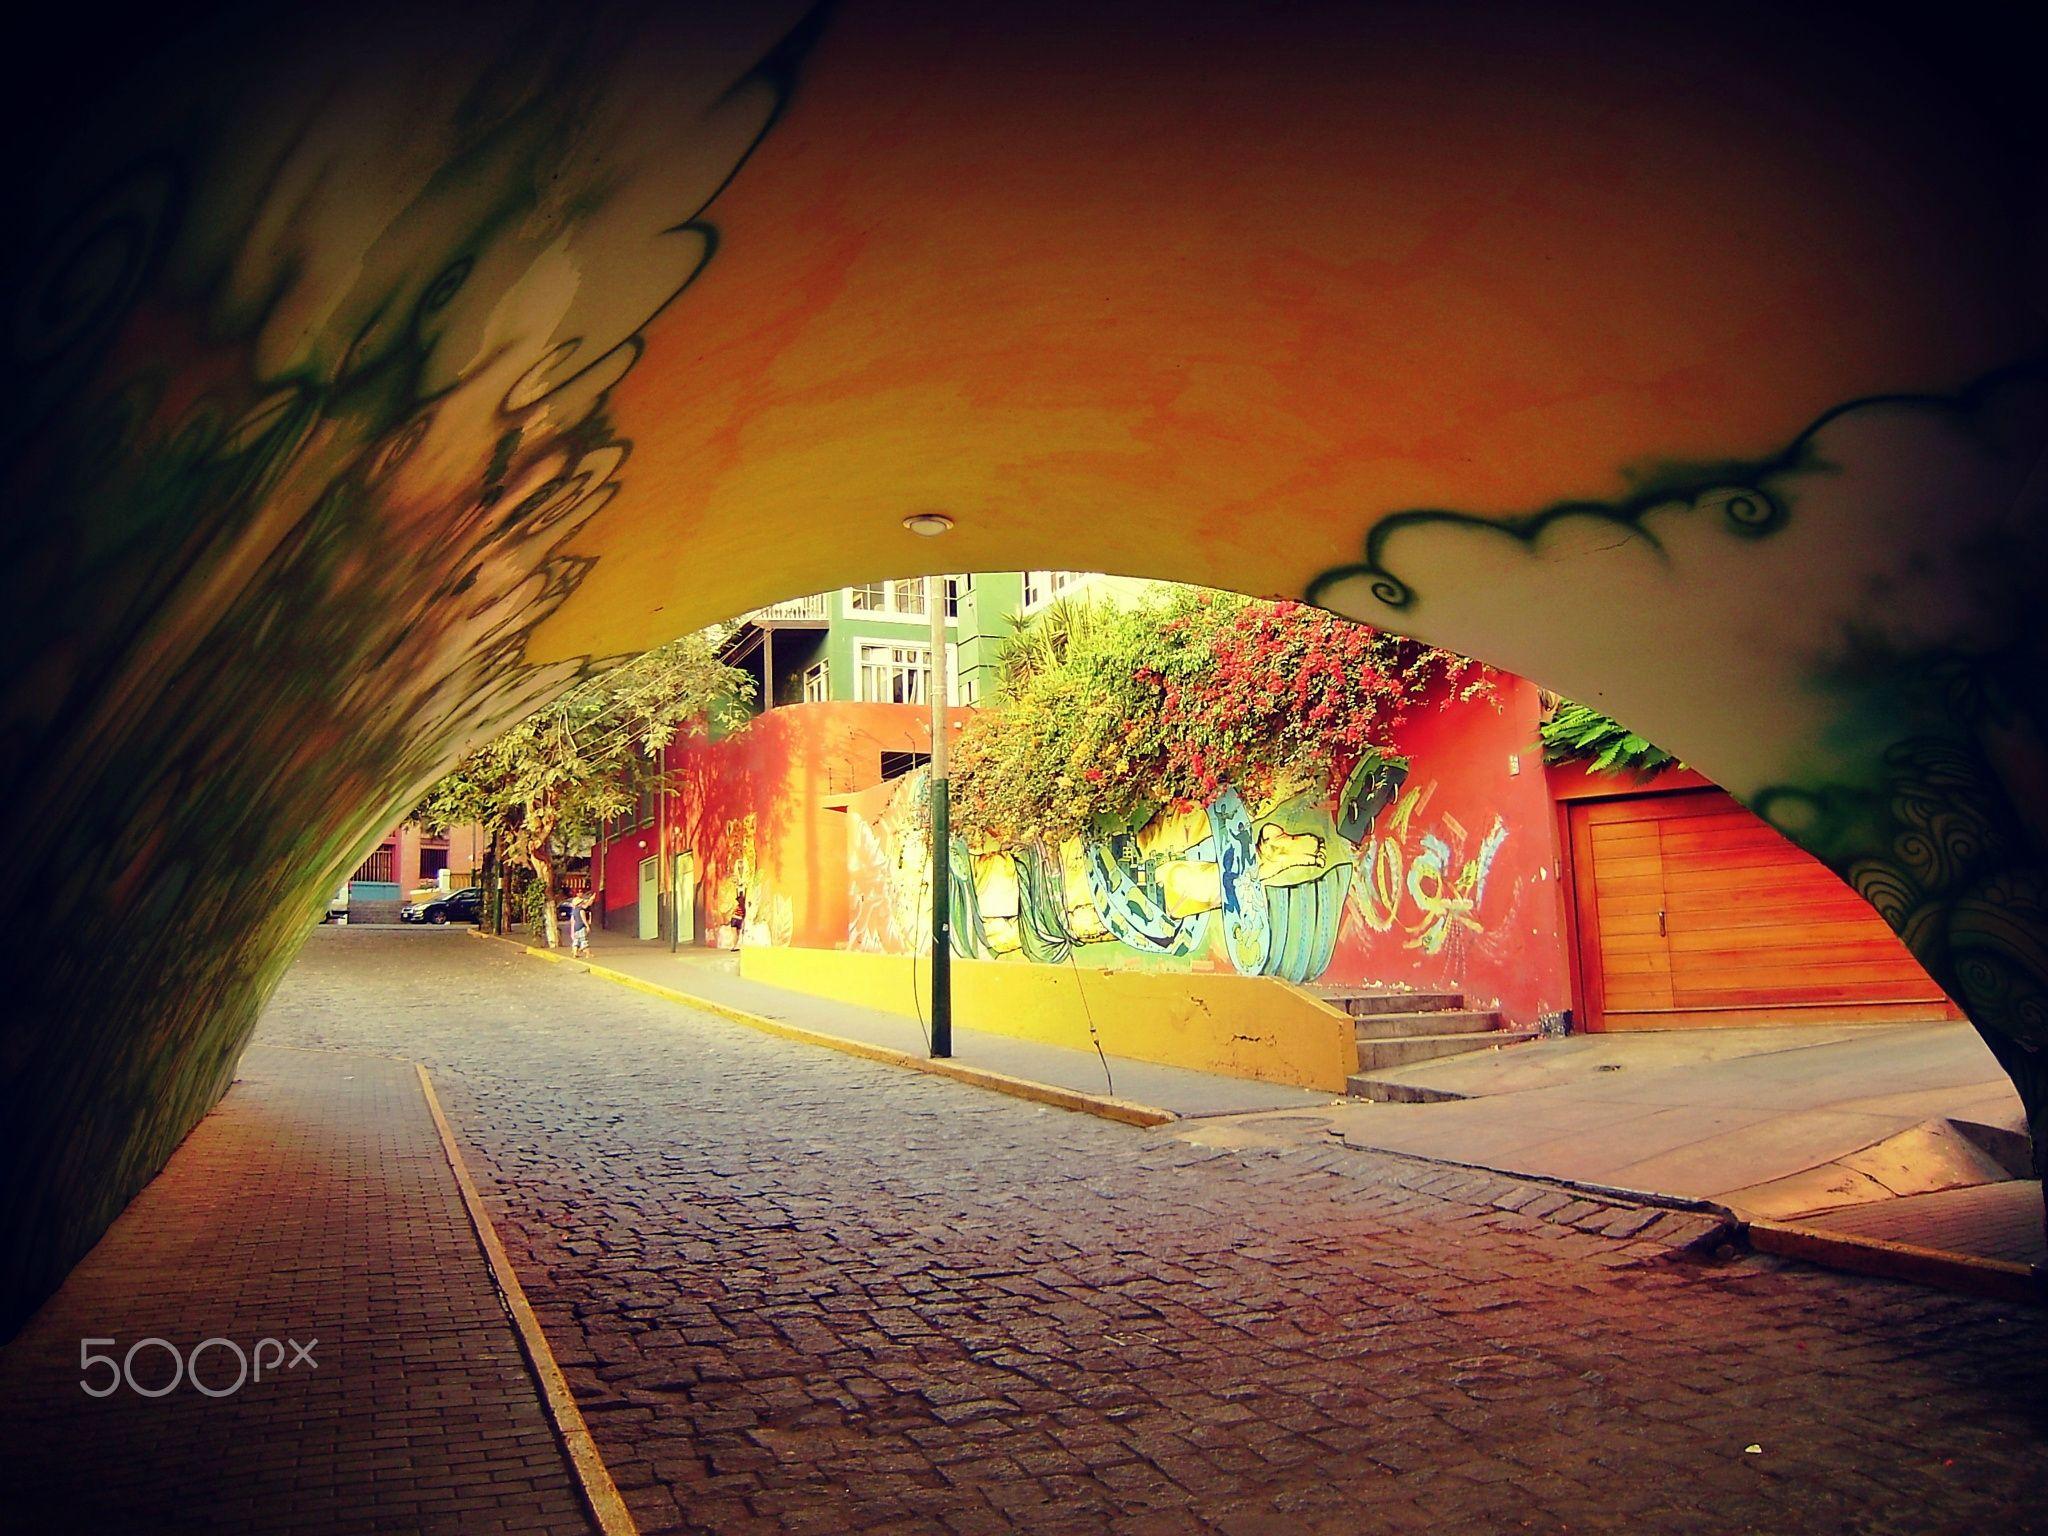 Tunel de Colores - null